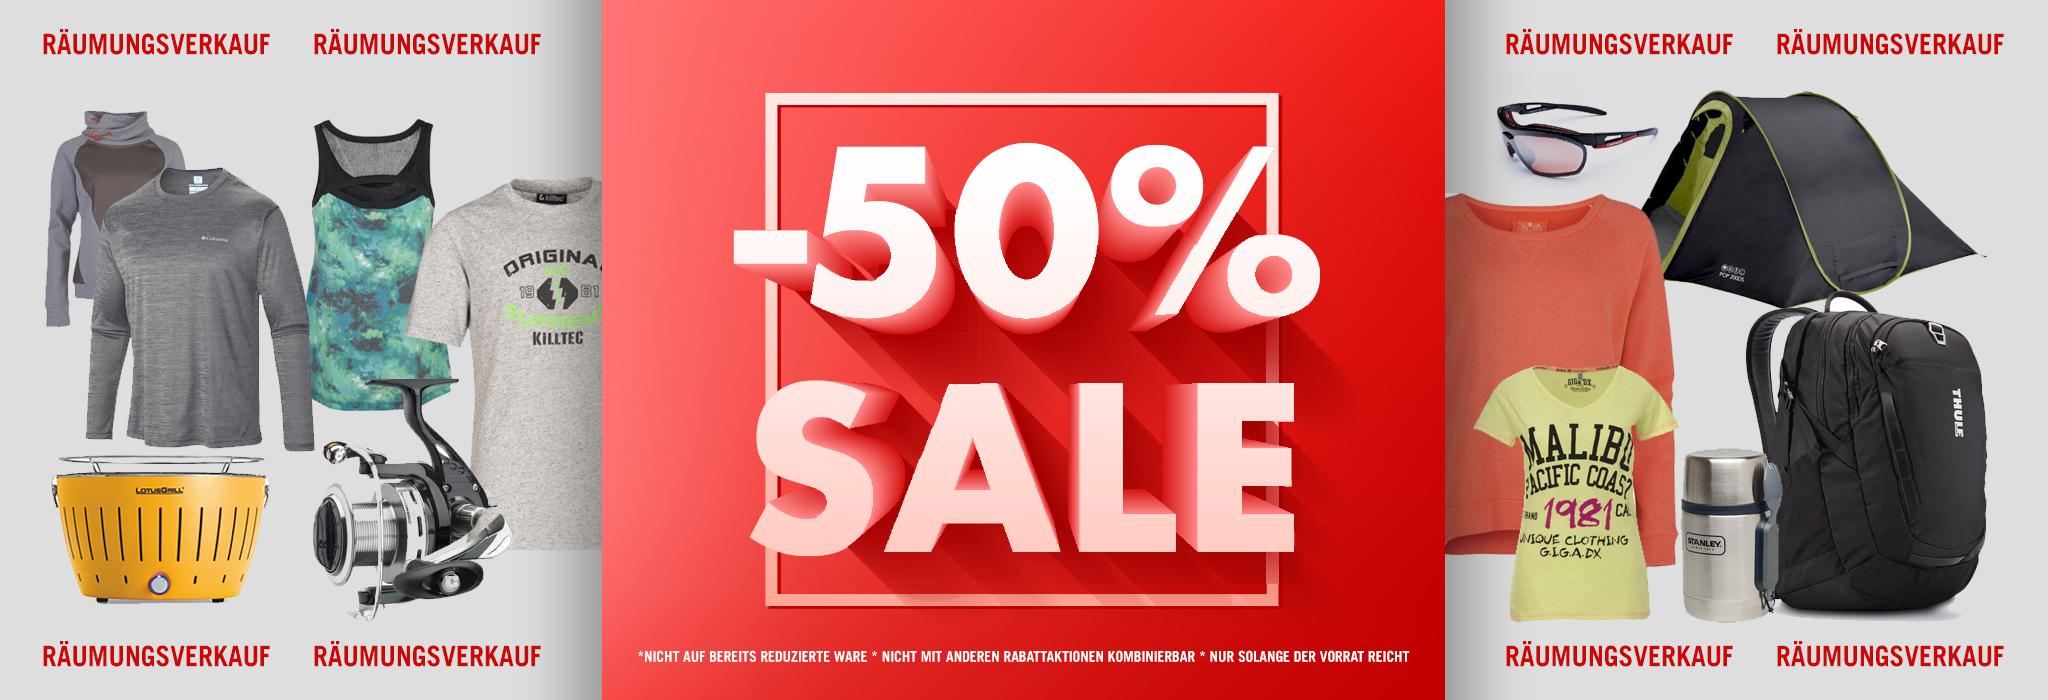 [Lokal Remscheid] Räumungsverkauf Outdoorbedarf und Angelsportartikel -50%